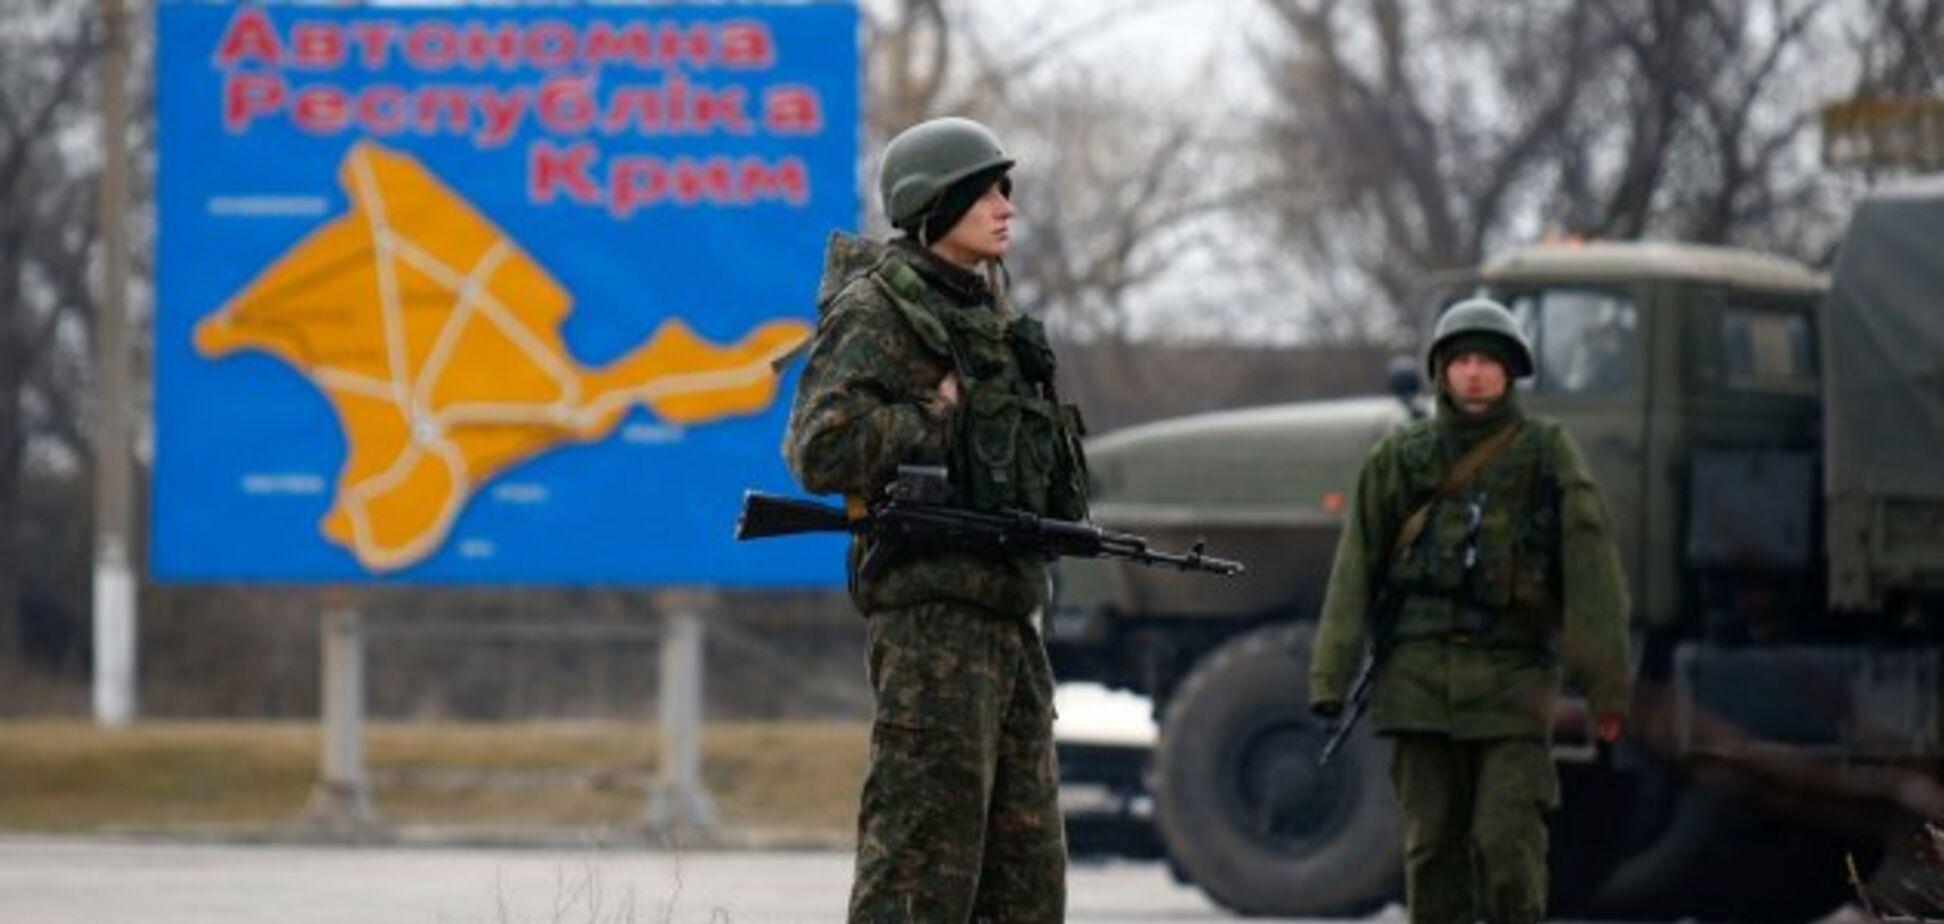 'Є одна умова': російський опозиціонер розповів, як Україні повернути Крим